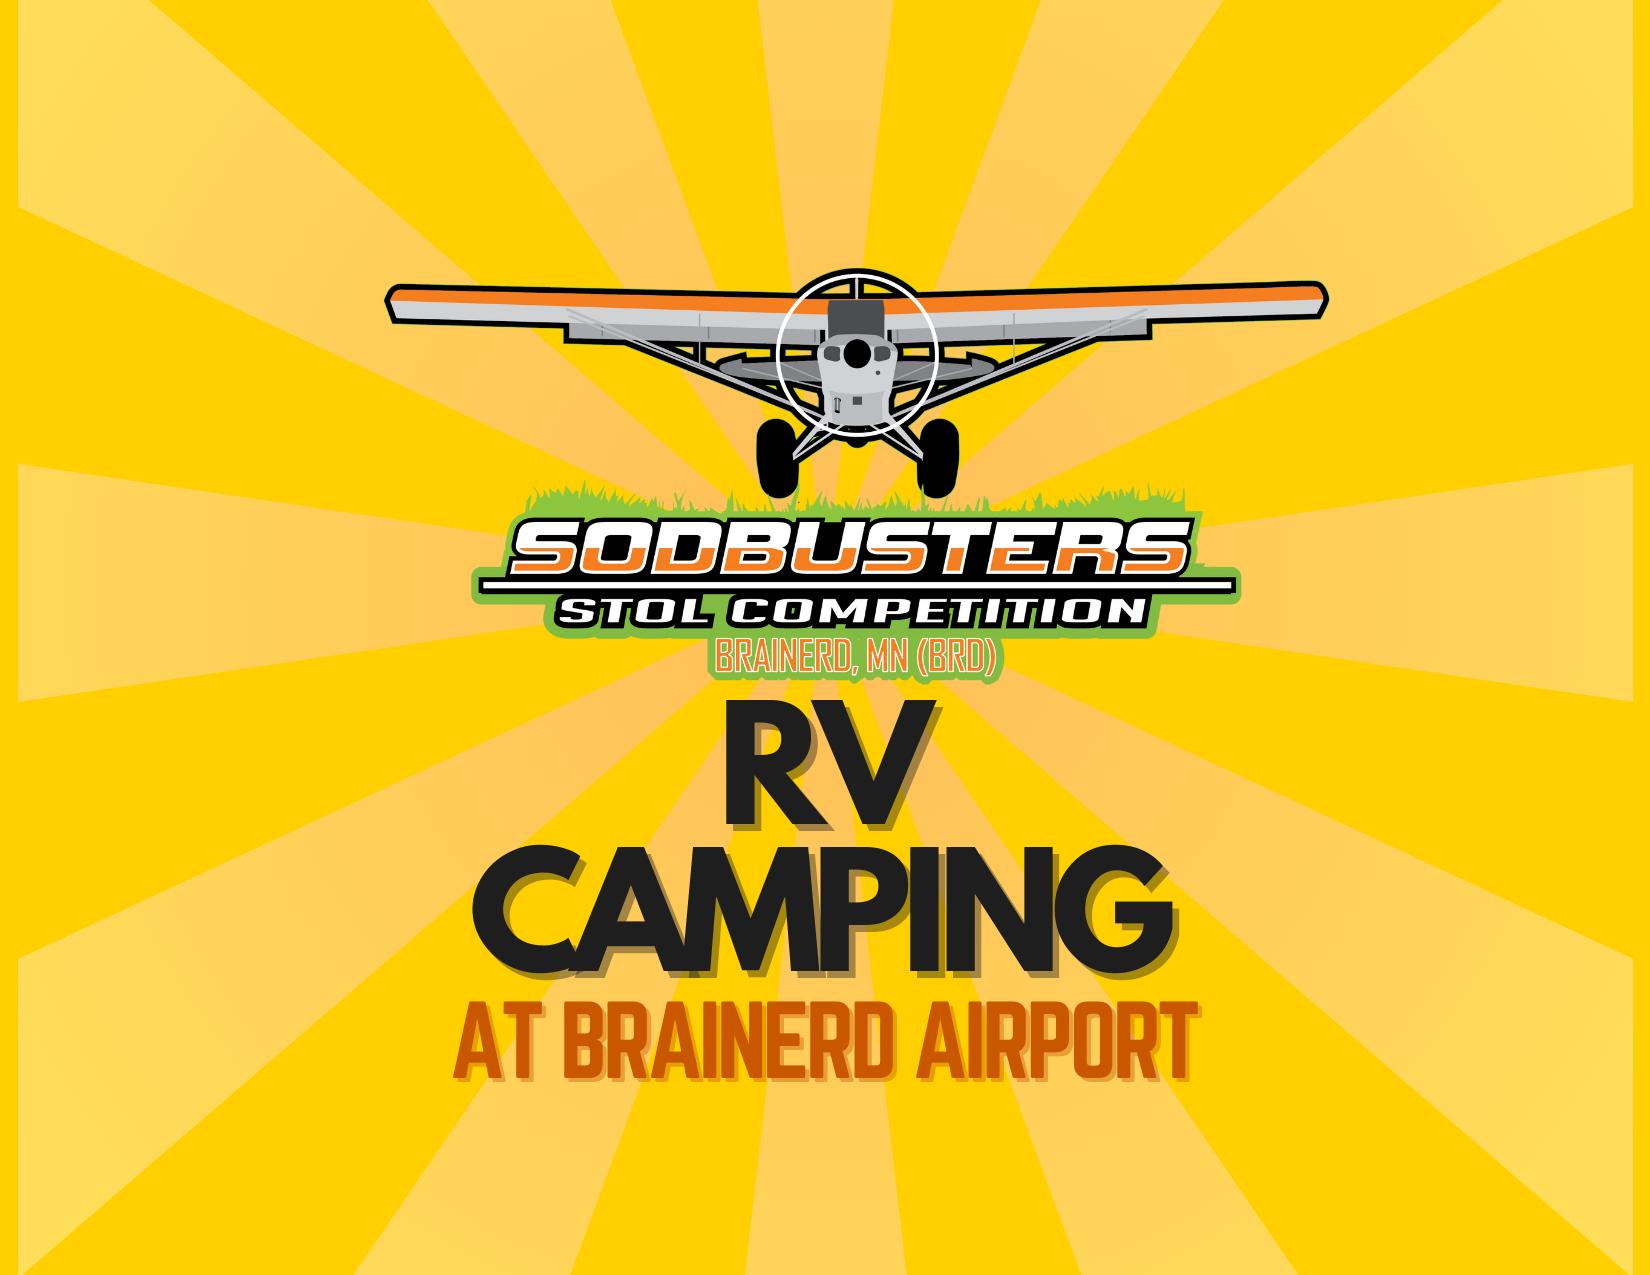 Sodbusters RV Camping